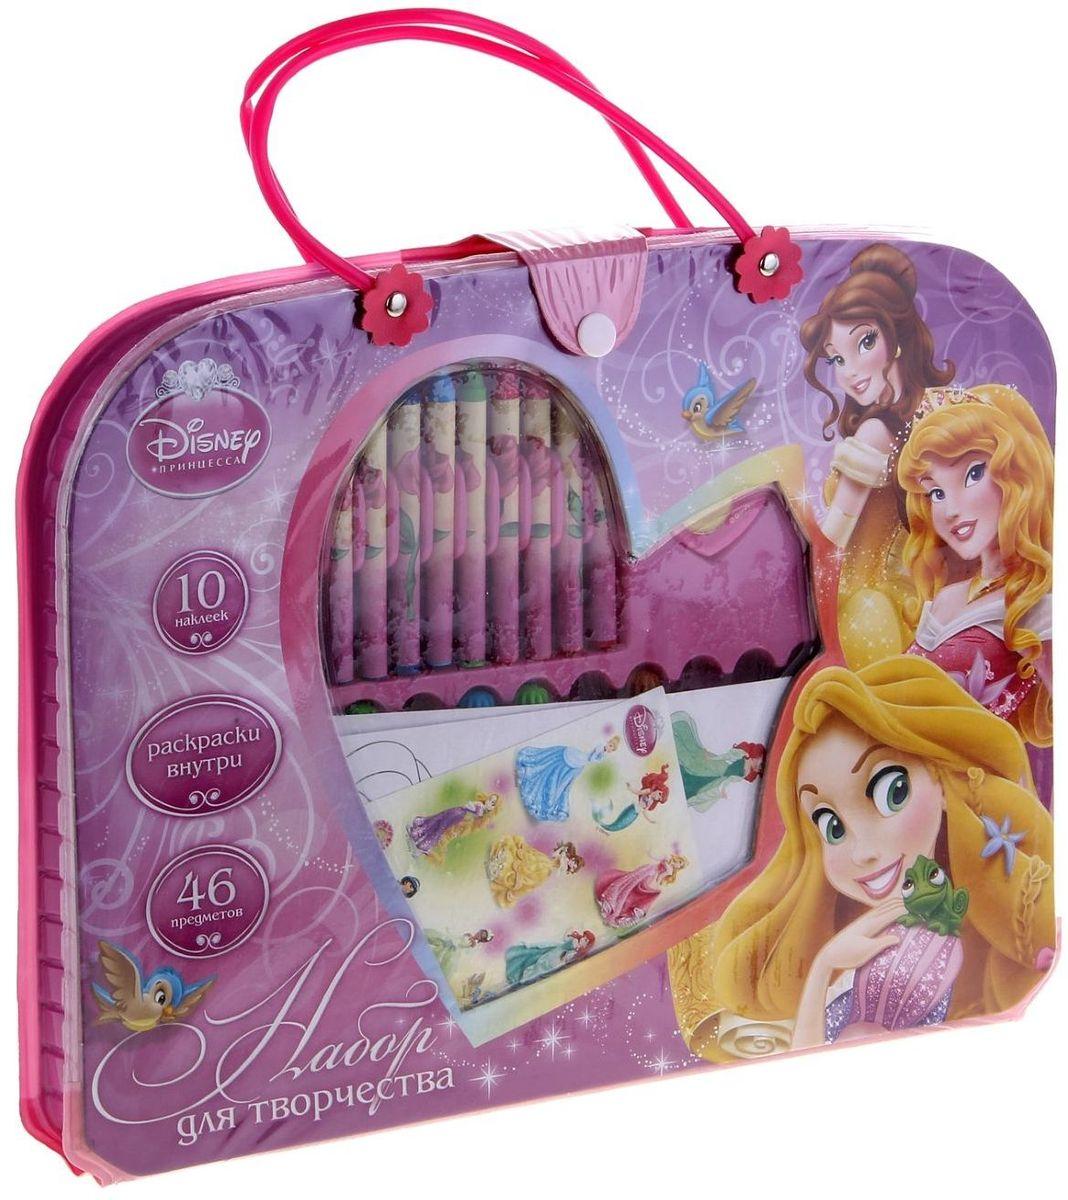 Disney Набор для творчества Принцессы 46 предметов -  Наборы письменных принадлежностей